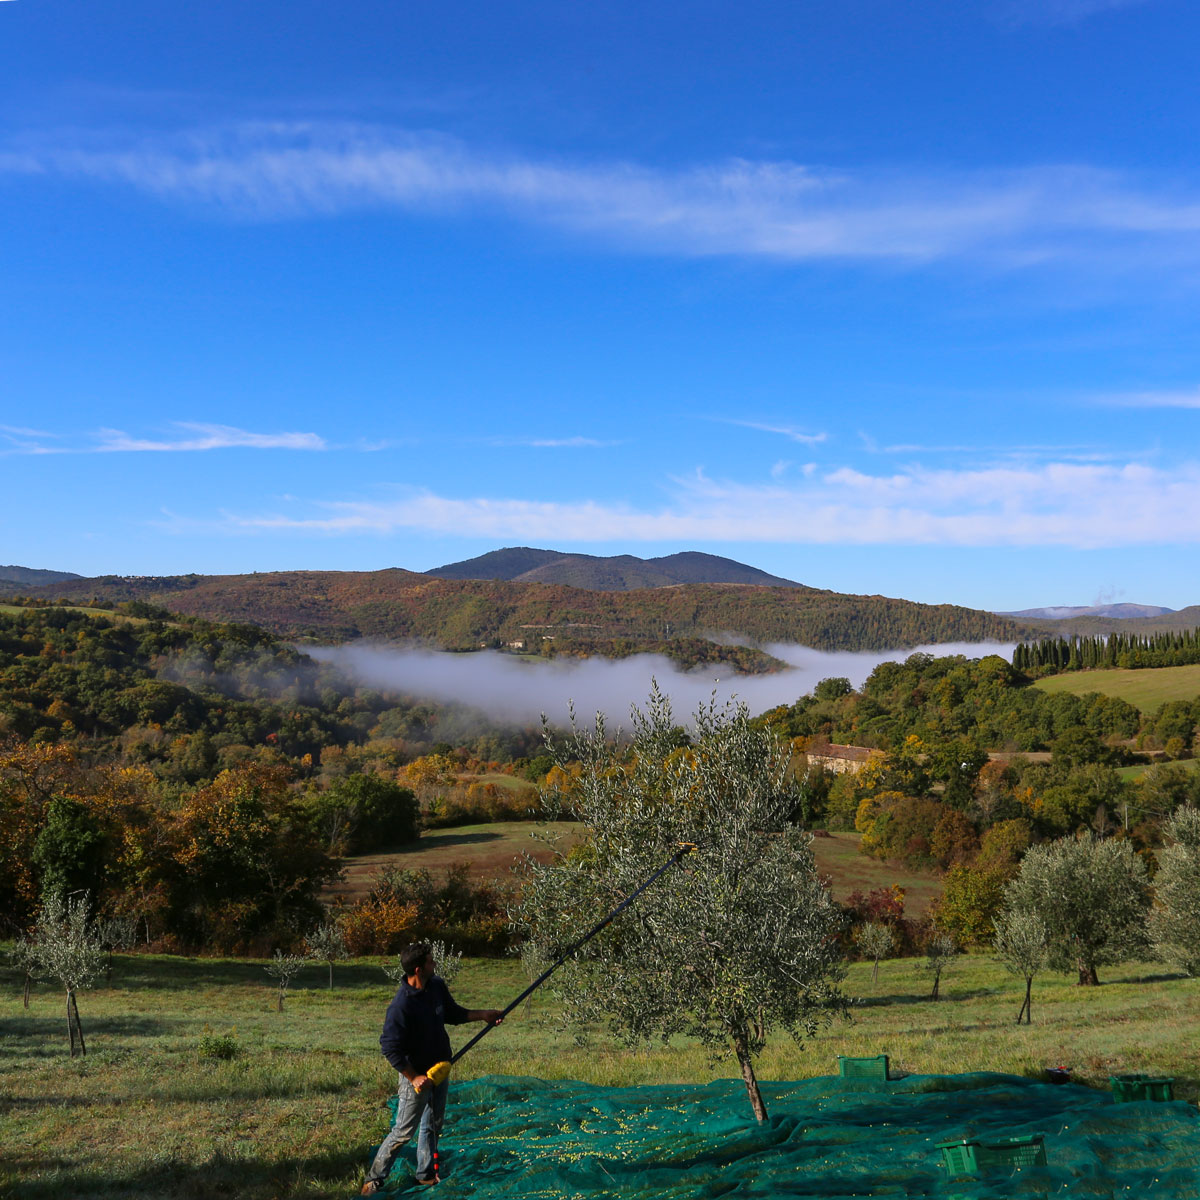 Il team de La Fornace de' Medici alle porte del Mugello raccoglie le olive in mezzo alle colline incontaminate della campagna fiorentina